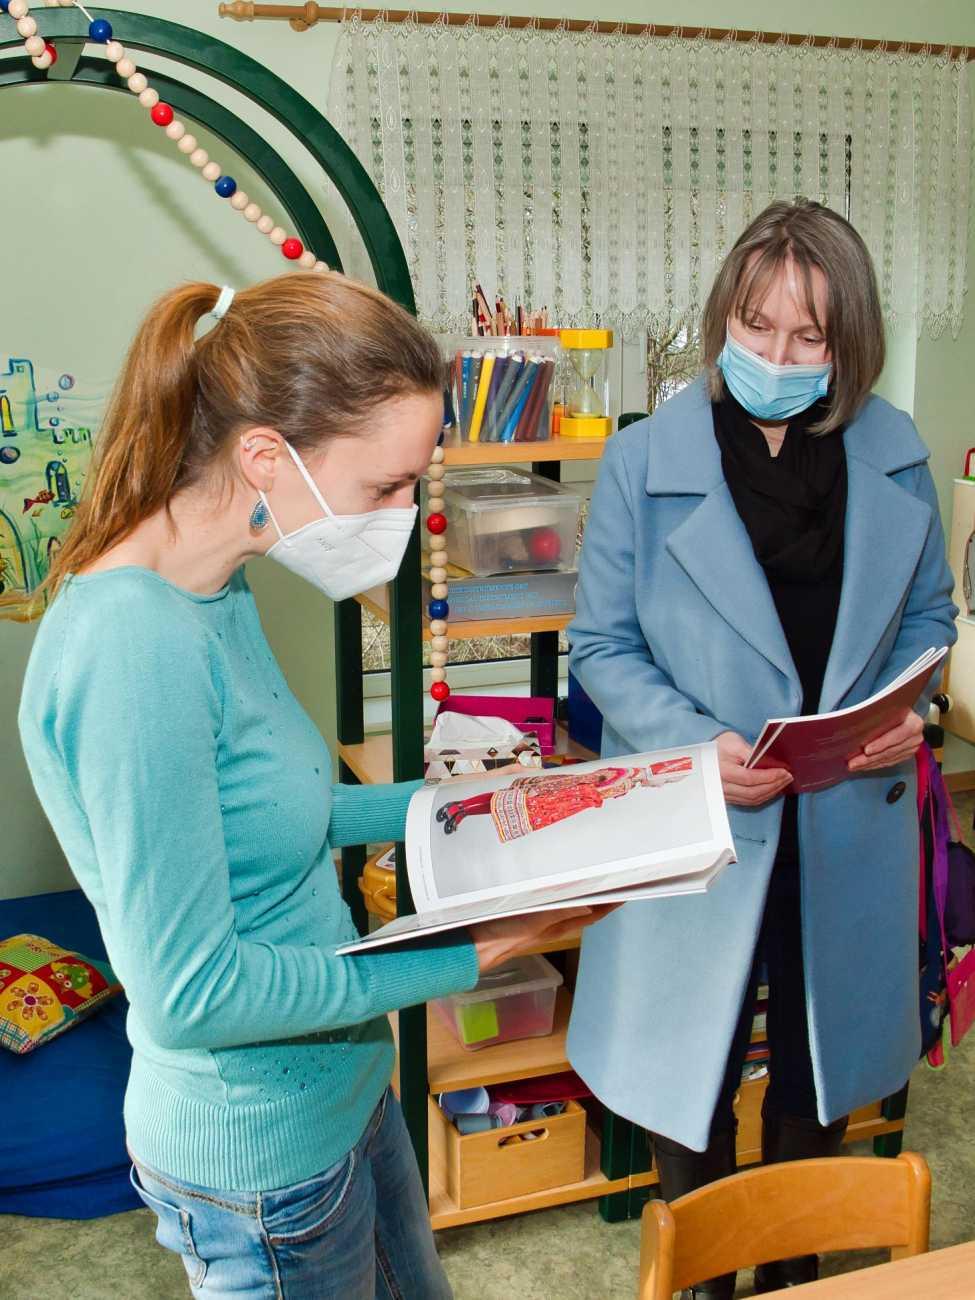 Übergabe der Kindertrachtenbücher am 29.01.2021 in der Kita Milenka Rohne